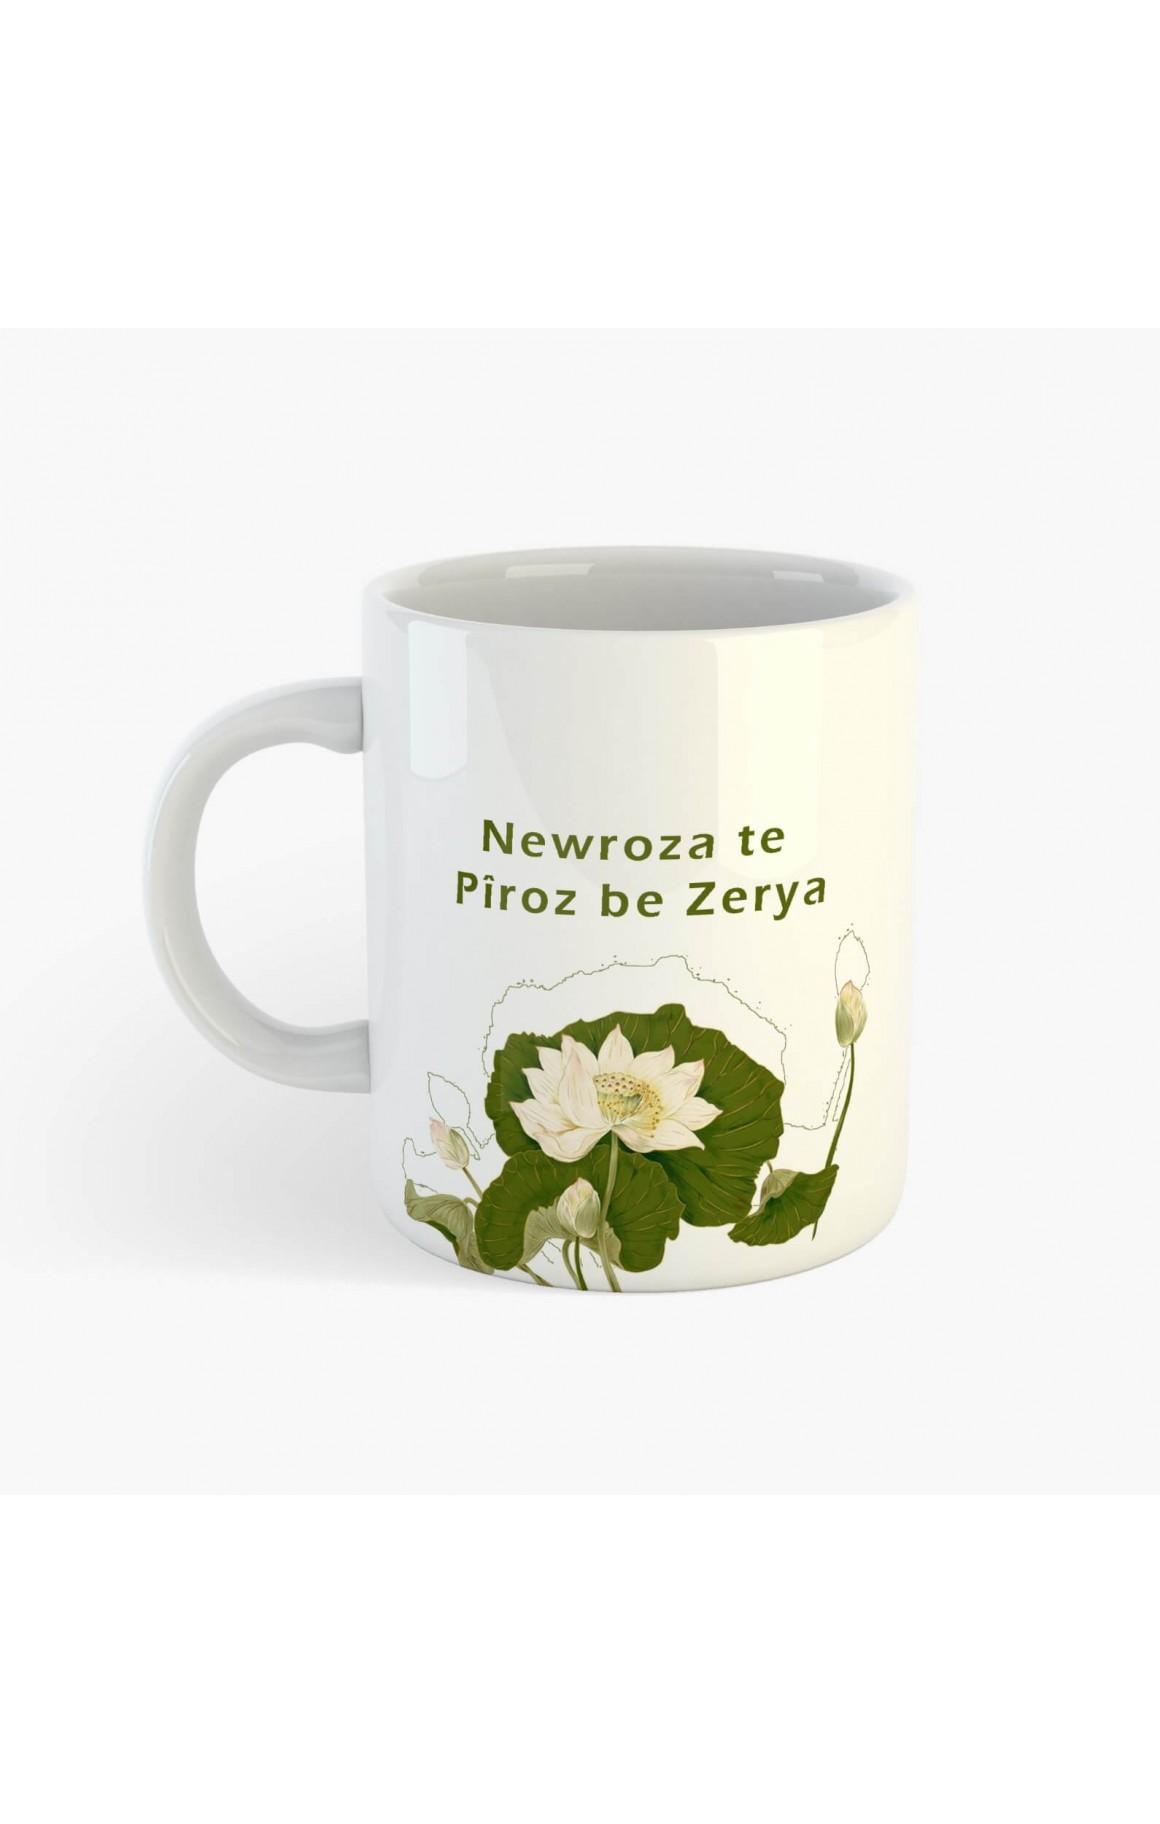 Kişiye Özel İsimli Newroz Porselen Kupa 2